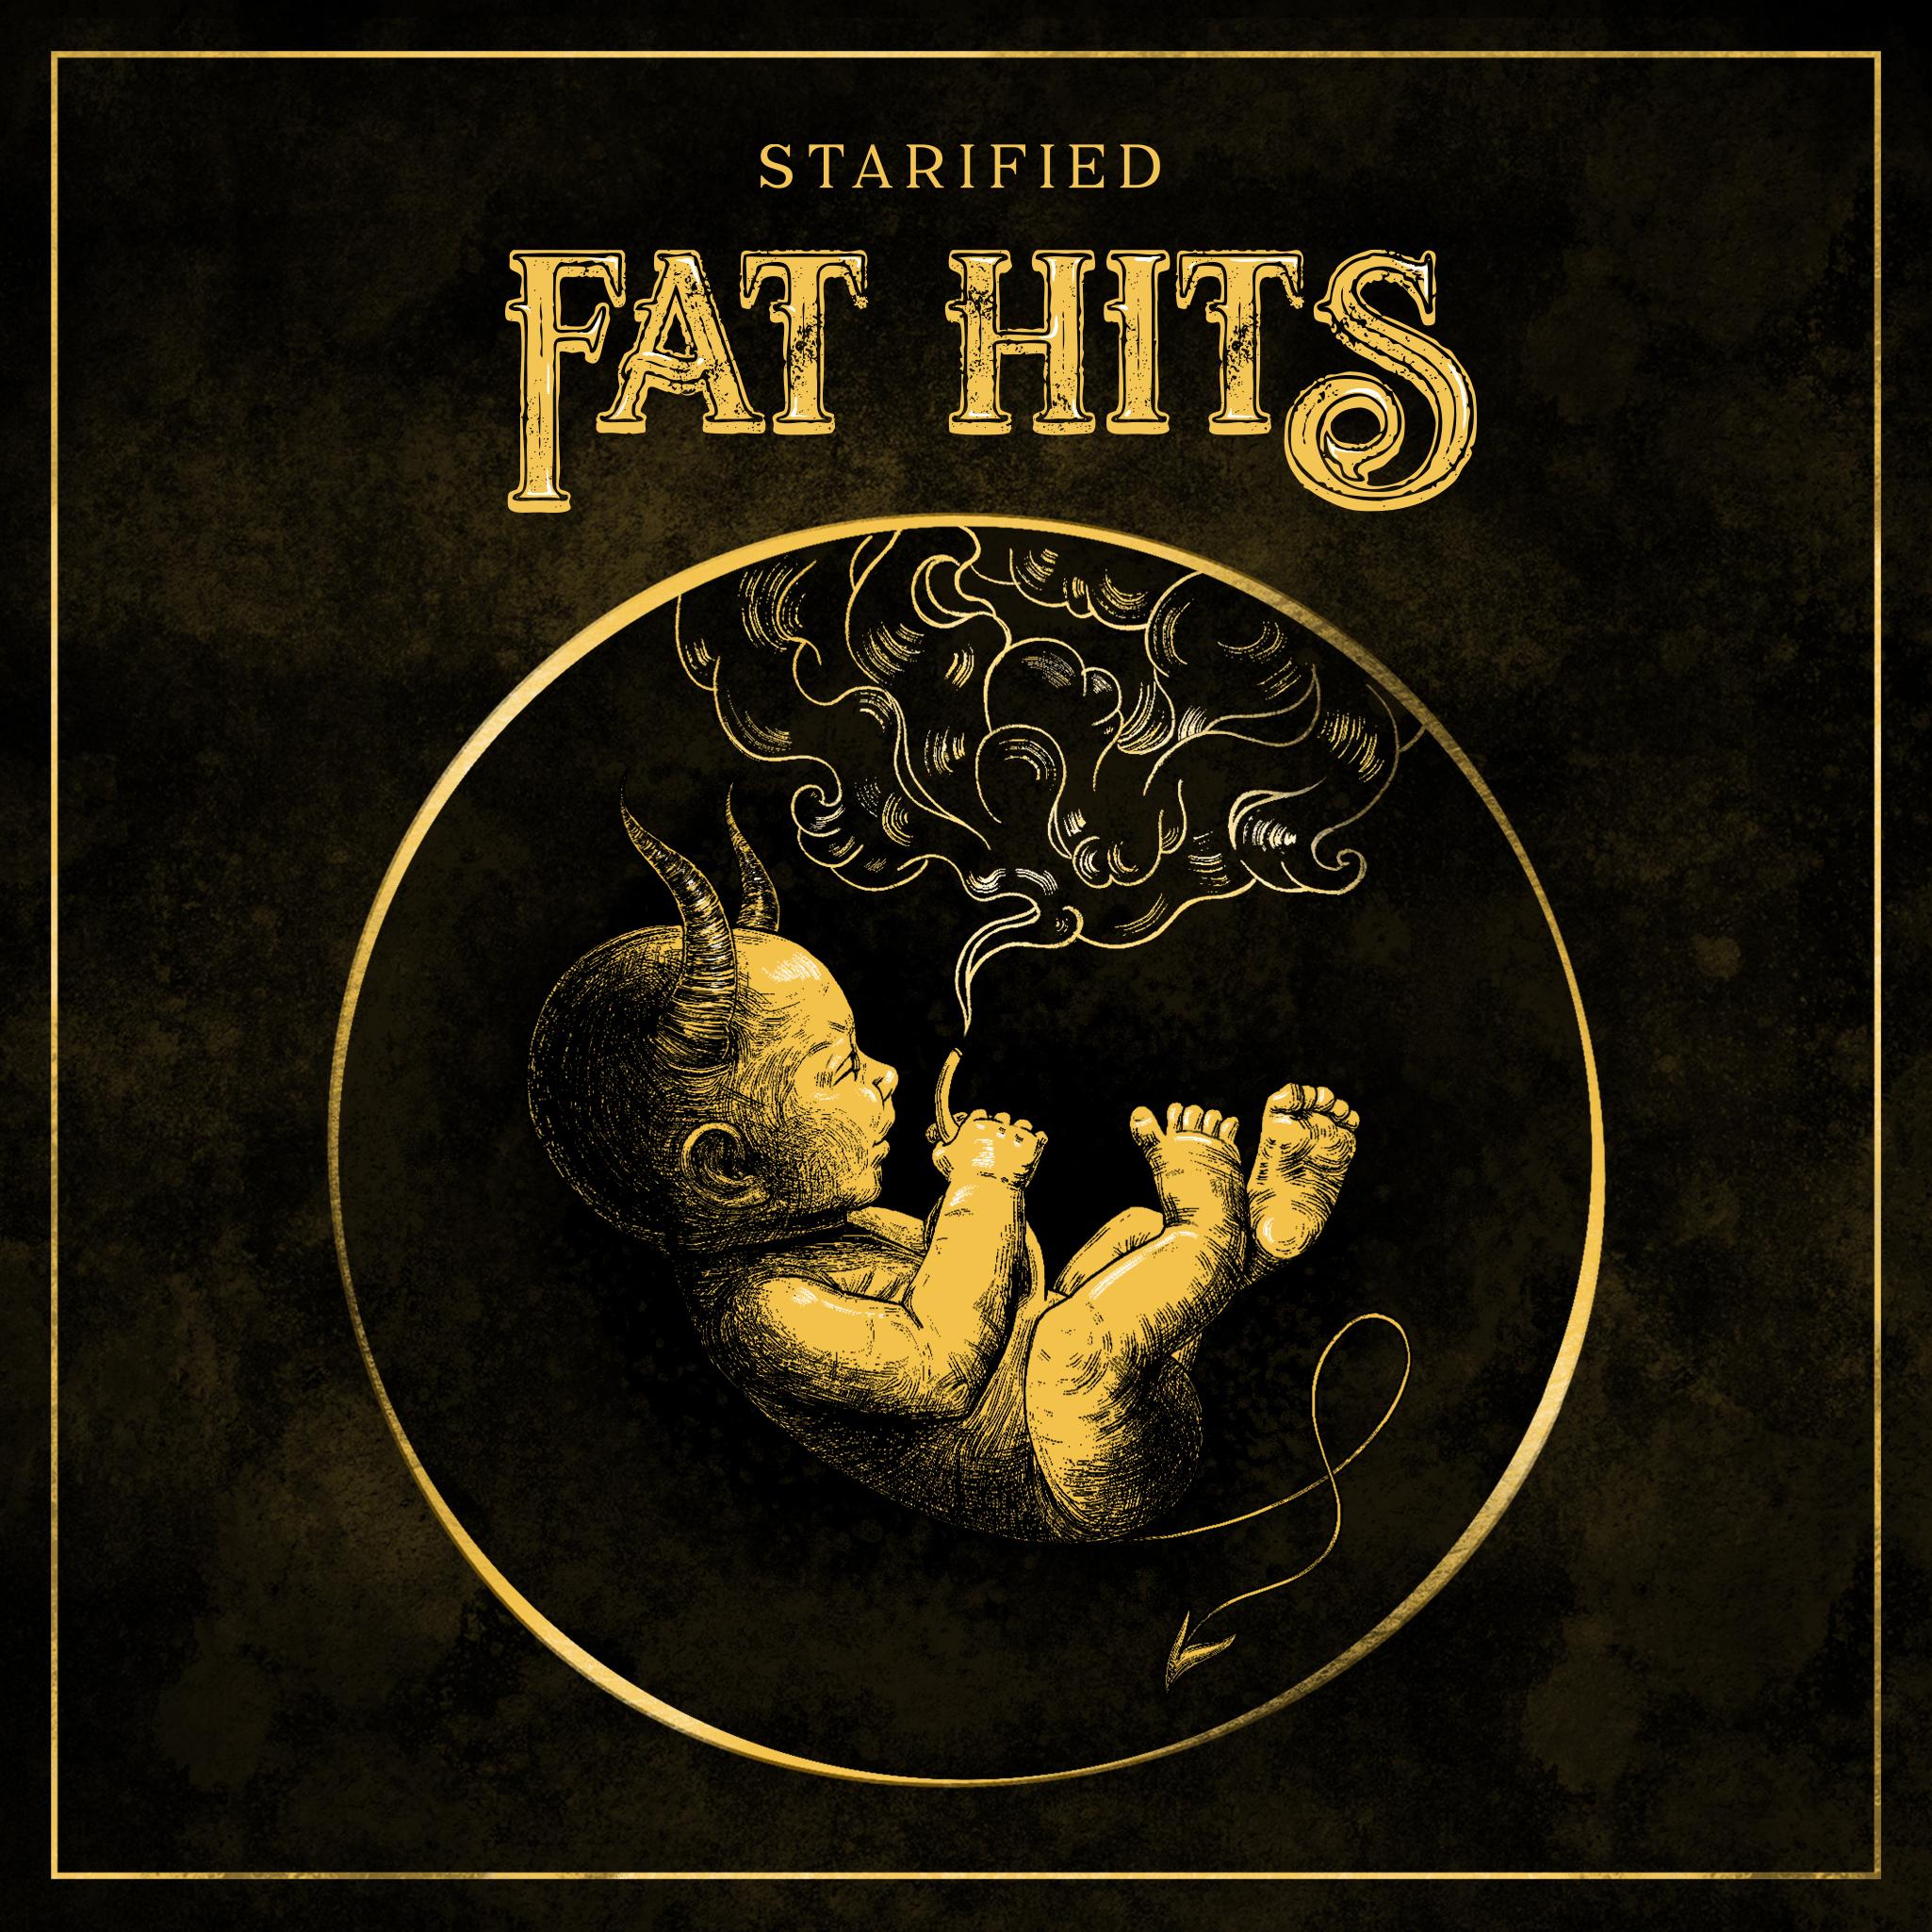 Starified Fat Hits